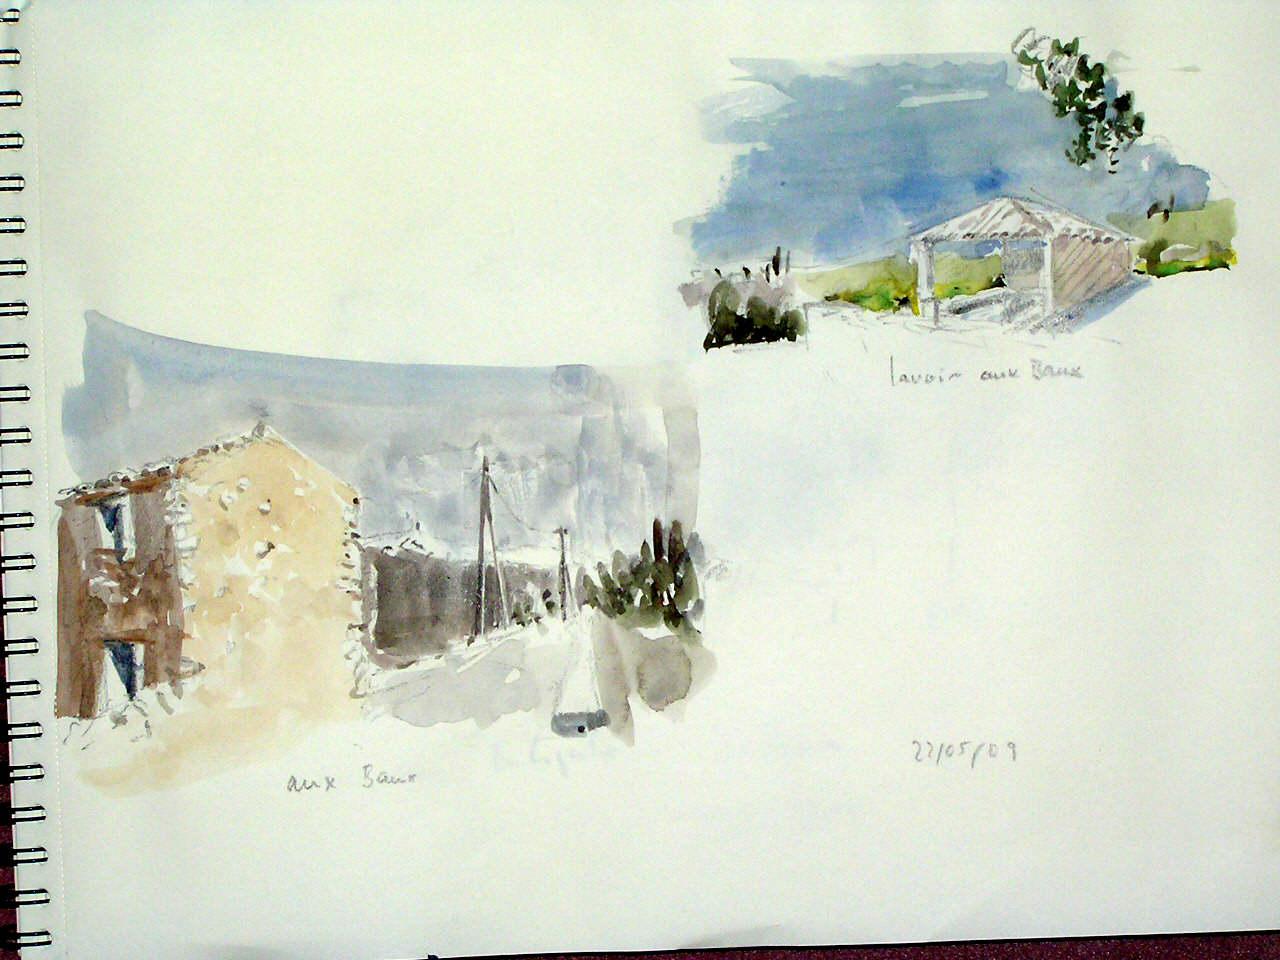 hamlet Les Baux